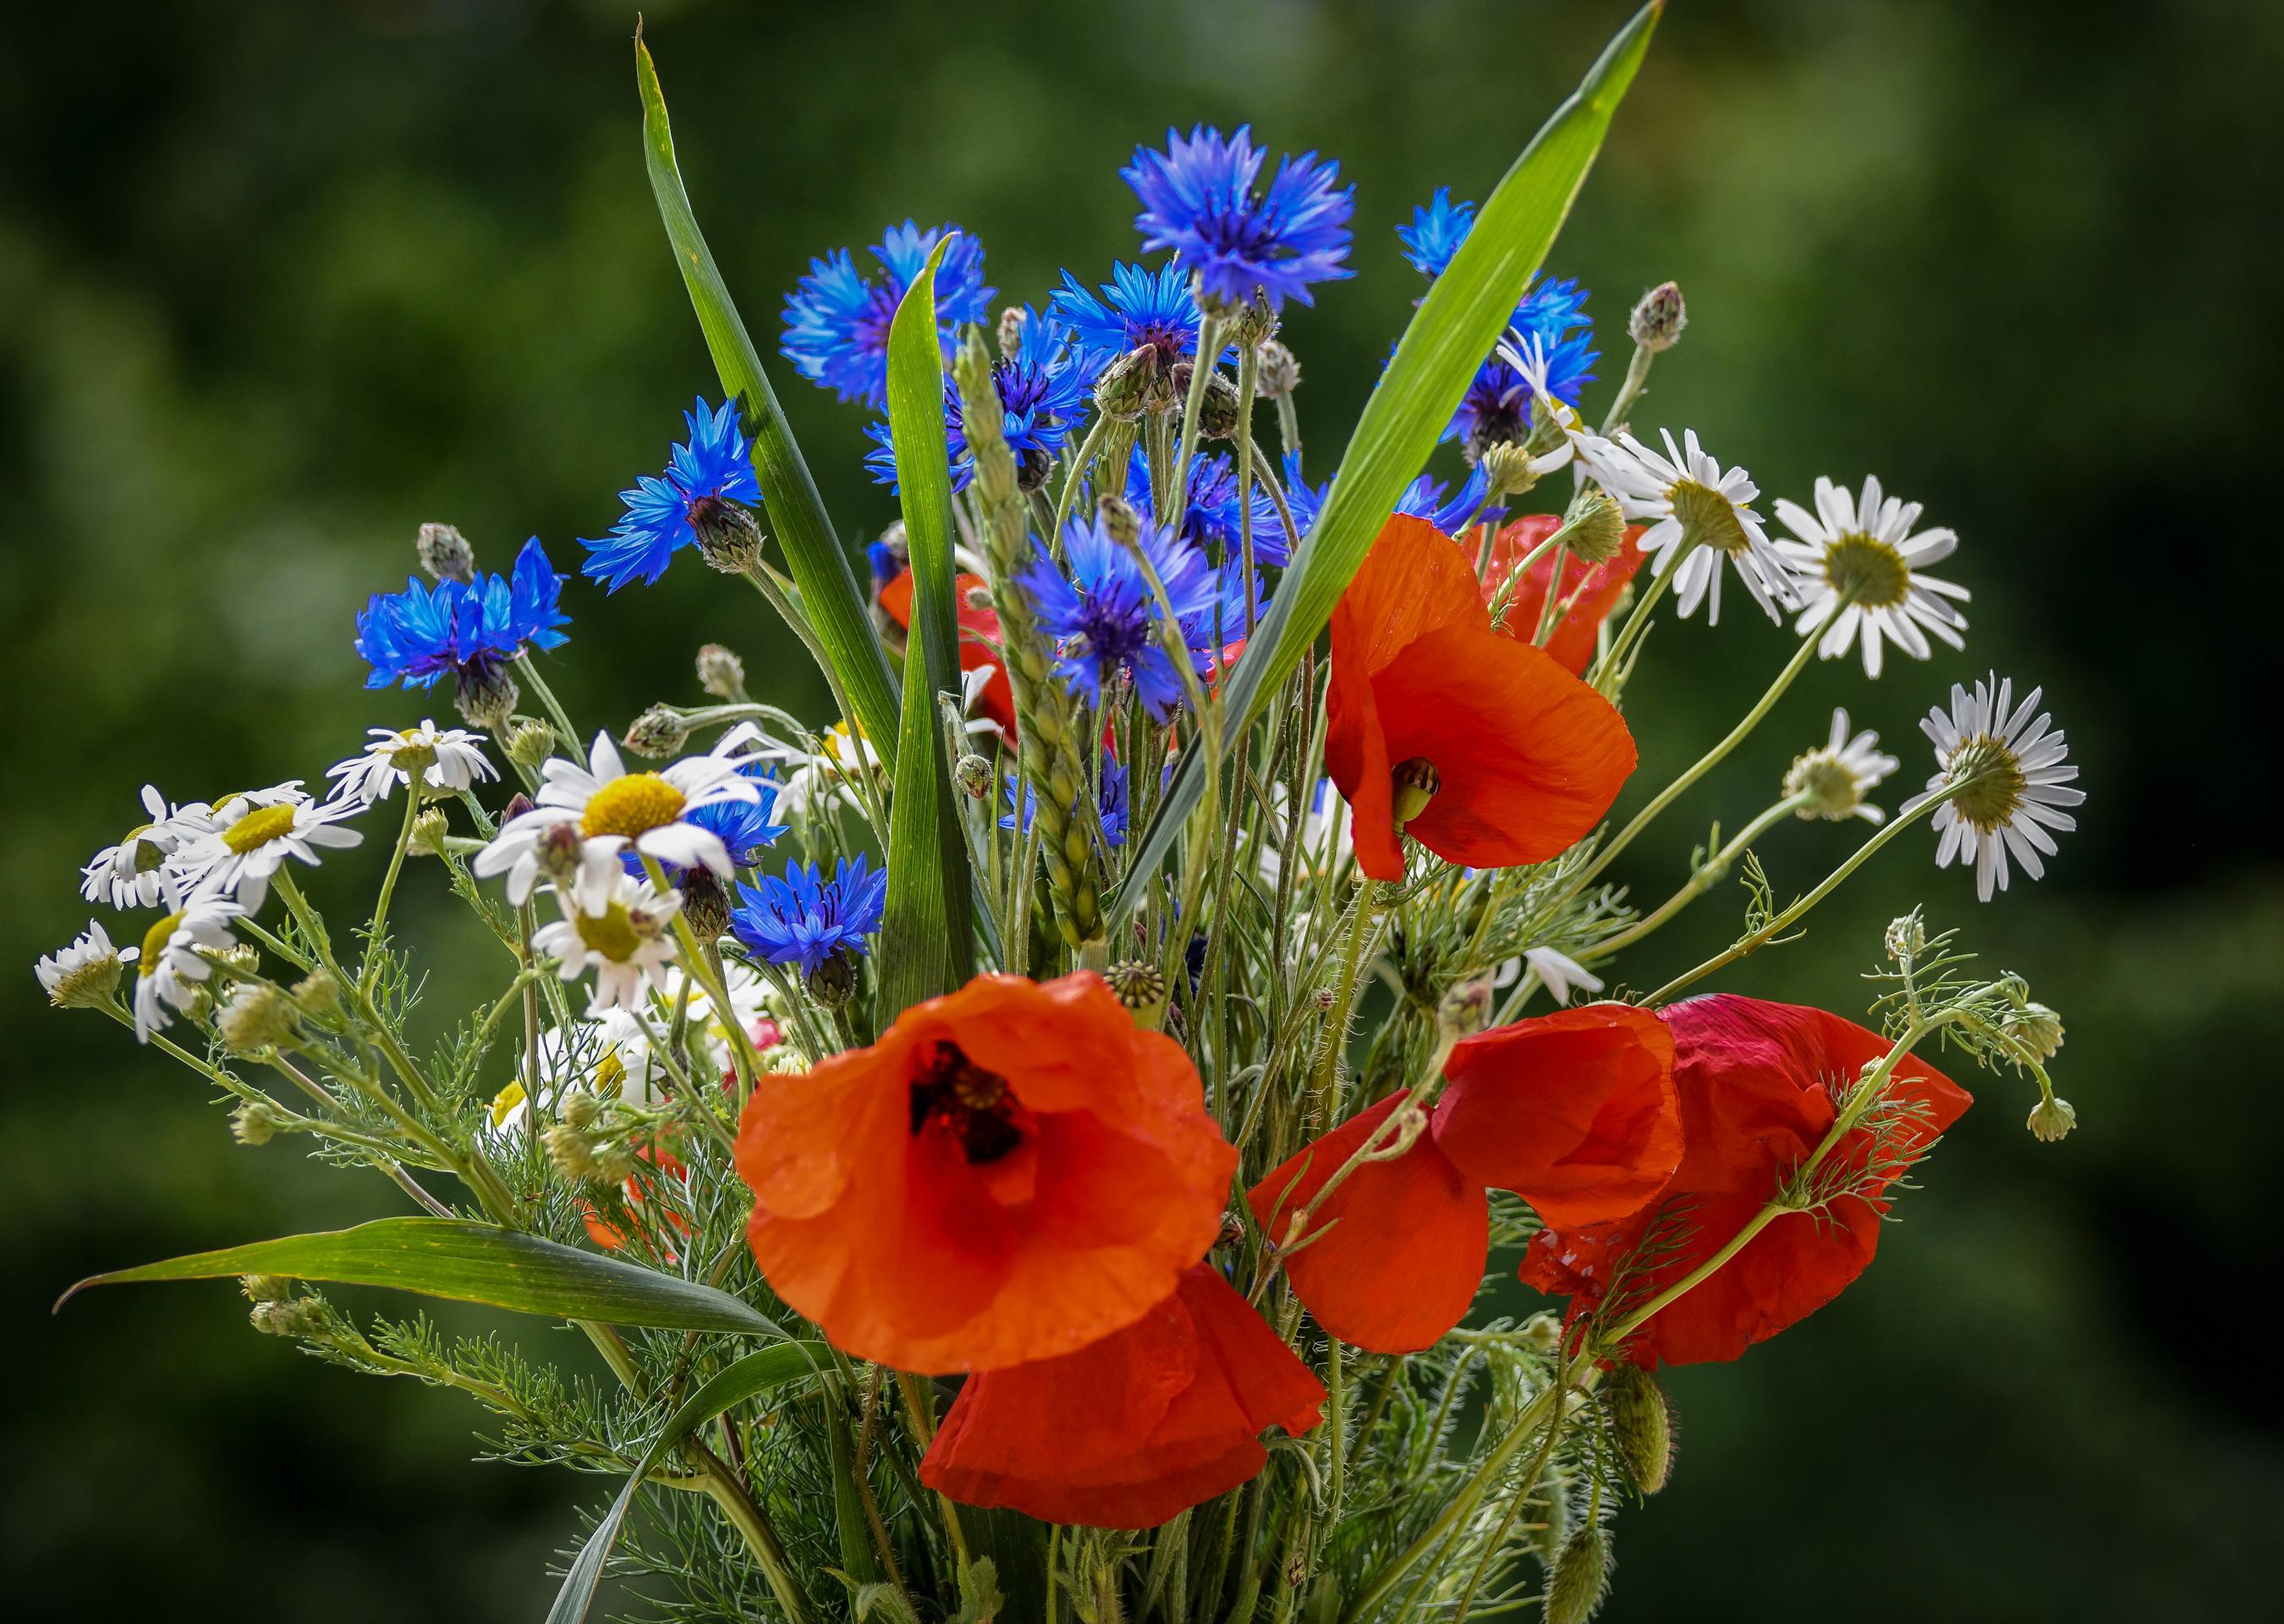 охапка полевых цветов картинки красивые киббеха начинкой фото